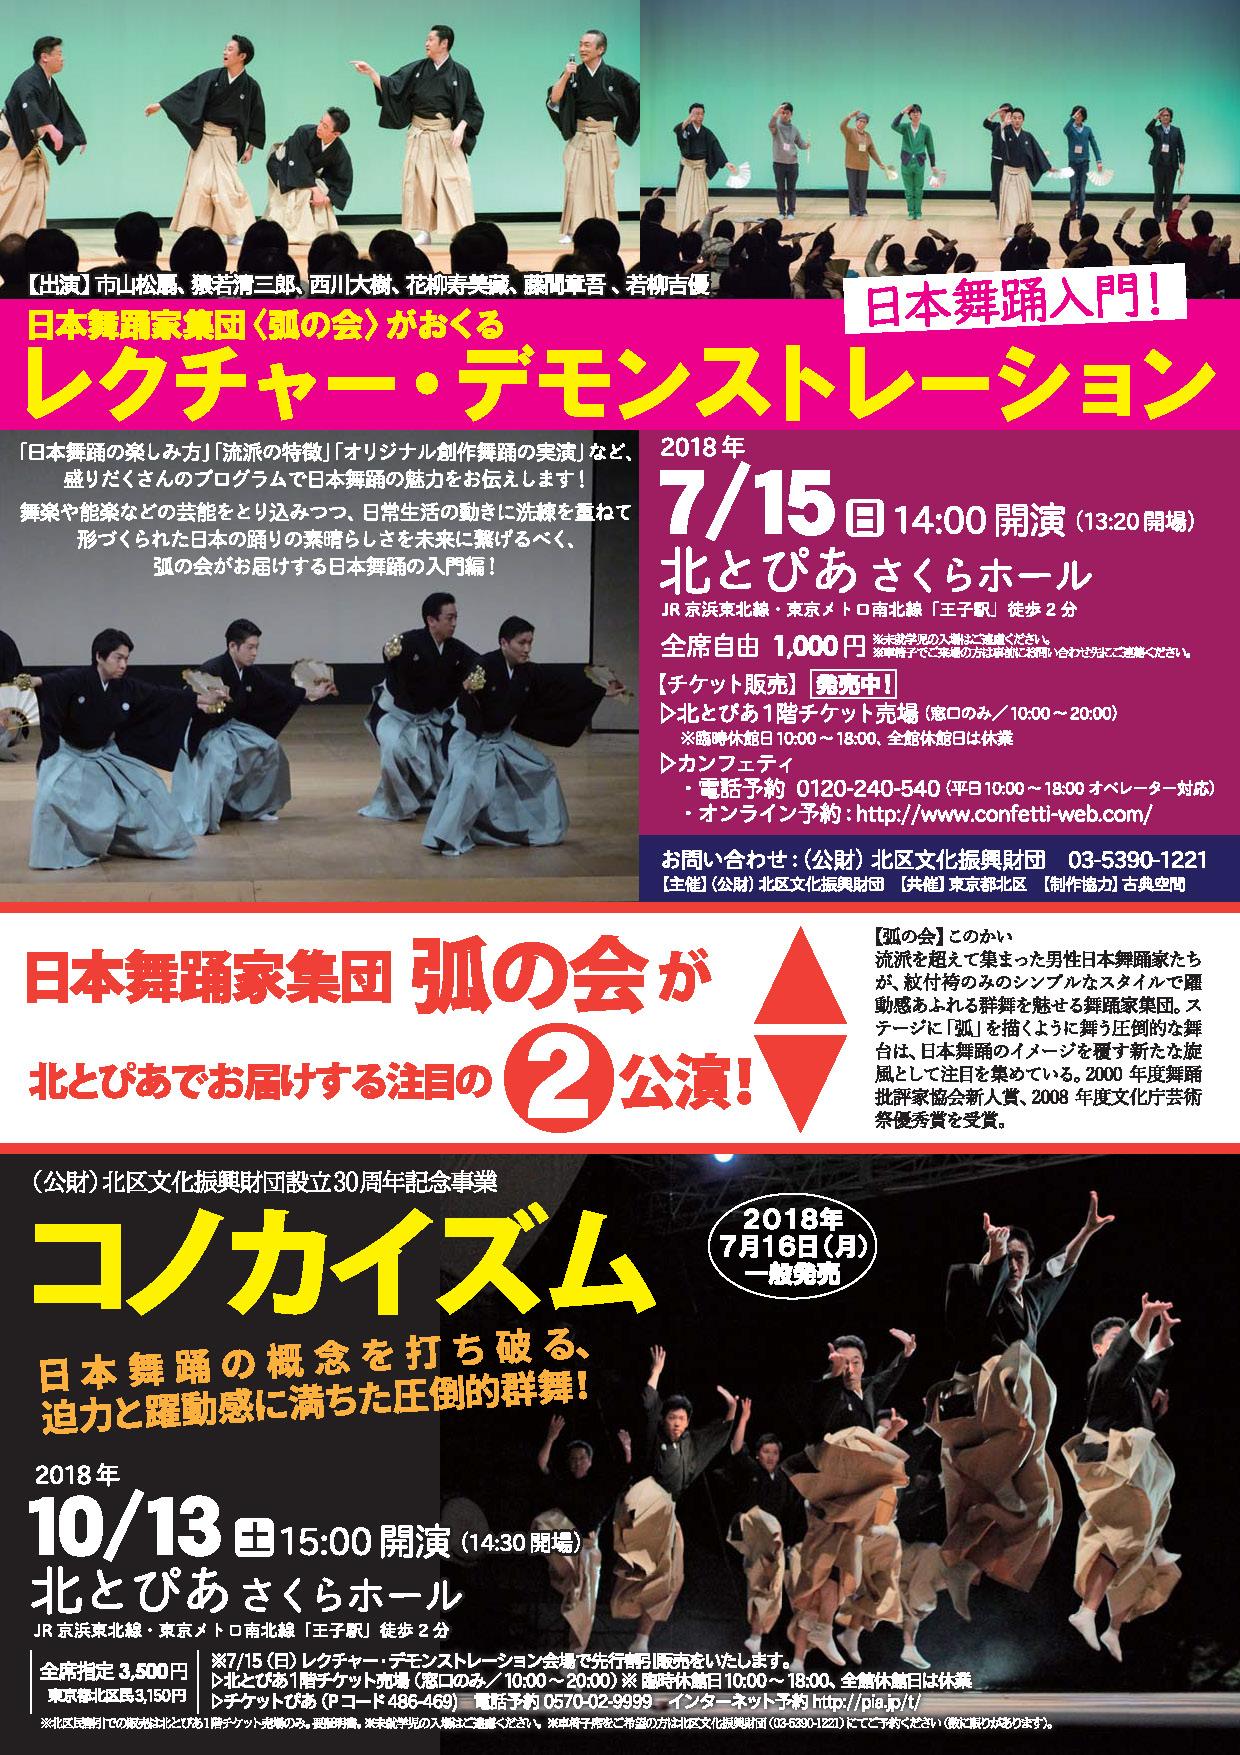 日本舞踊家集団 「弧の会」がおくる レクチャー・デモンストレーション